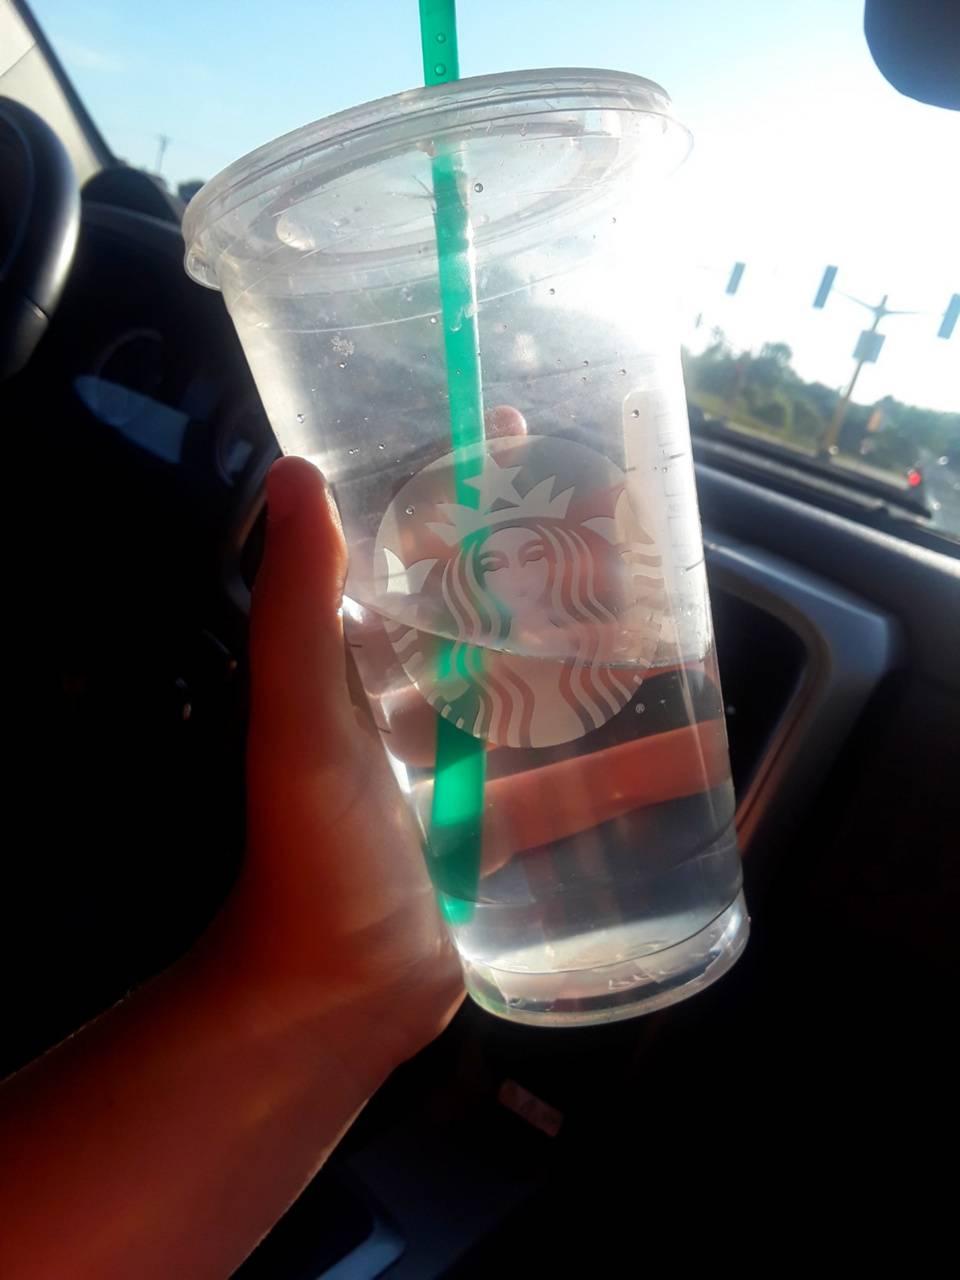 Starbucks water